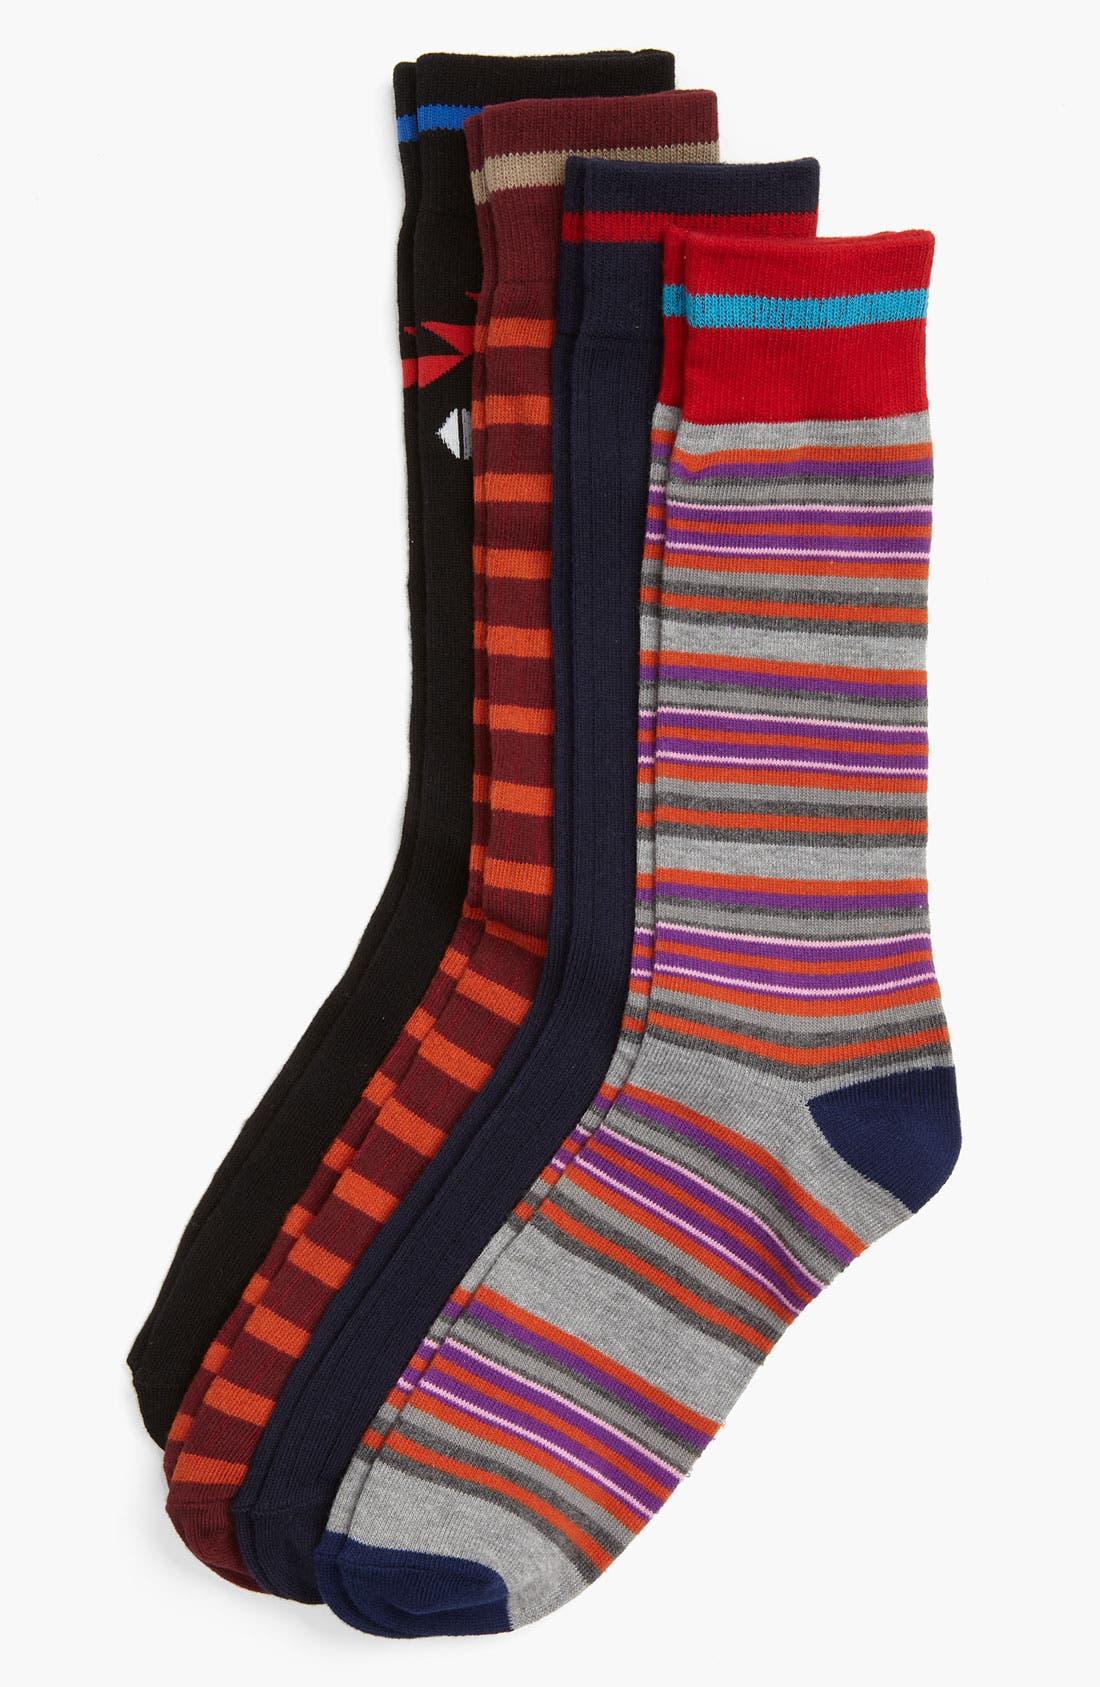 Alternate Image 1 Selected - Basic Sock Socks (4-Pack)